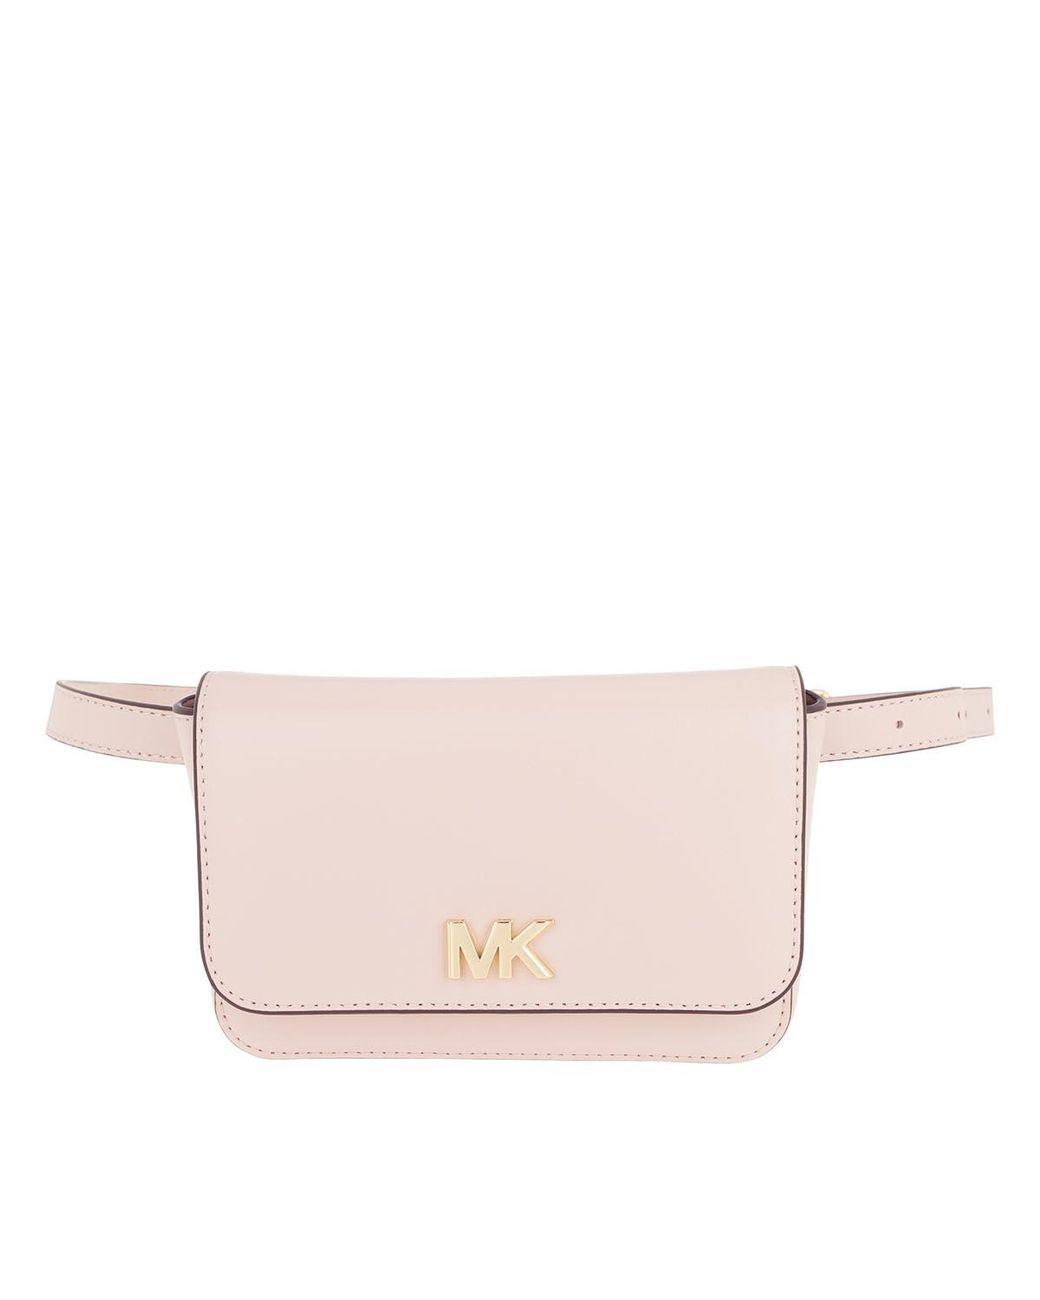 87d2352e3fd2 Michael Kors Mott Belt Bag Soft Pink in Pink - Lyst